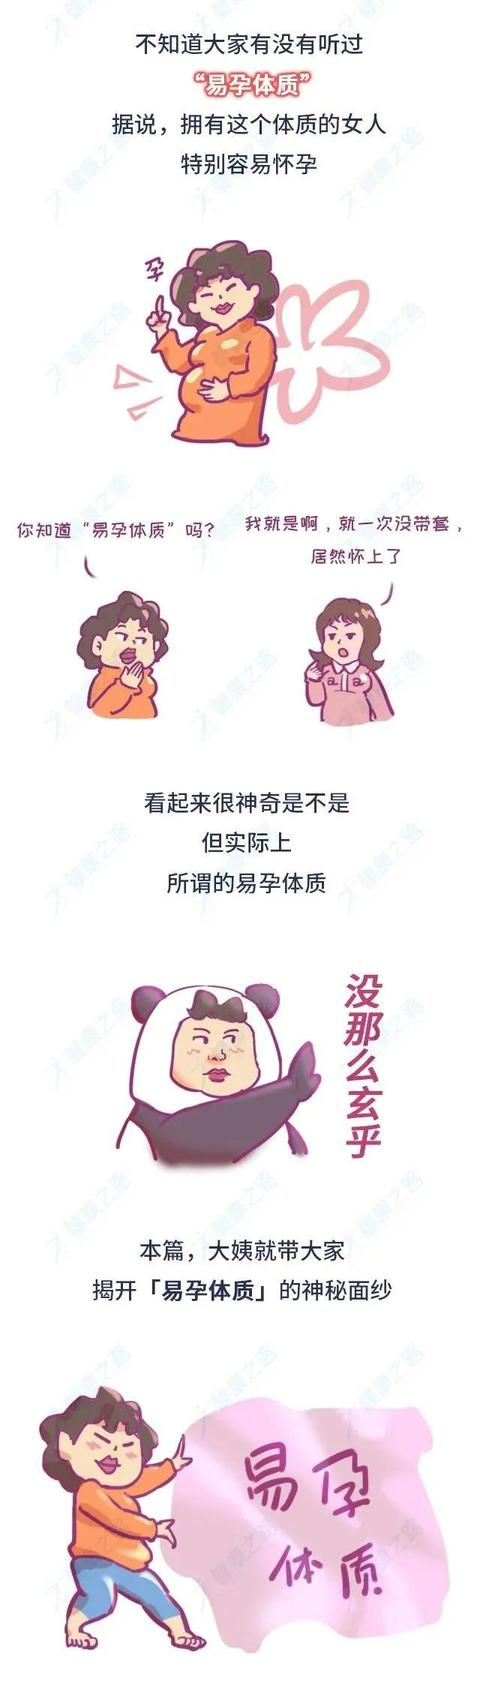 怀女孩的特征,一碰就能怀的「易孕体质」,往往有这3个特征